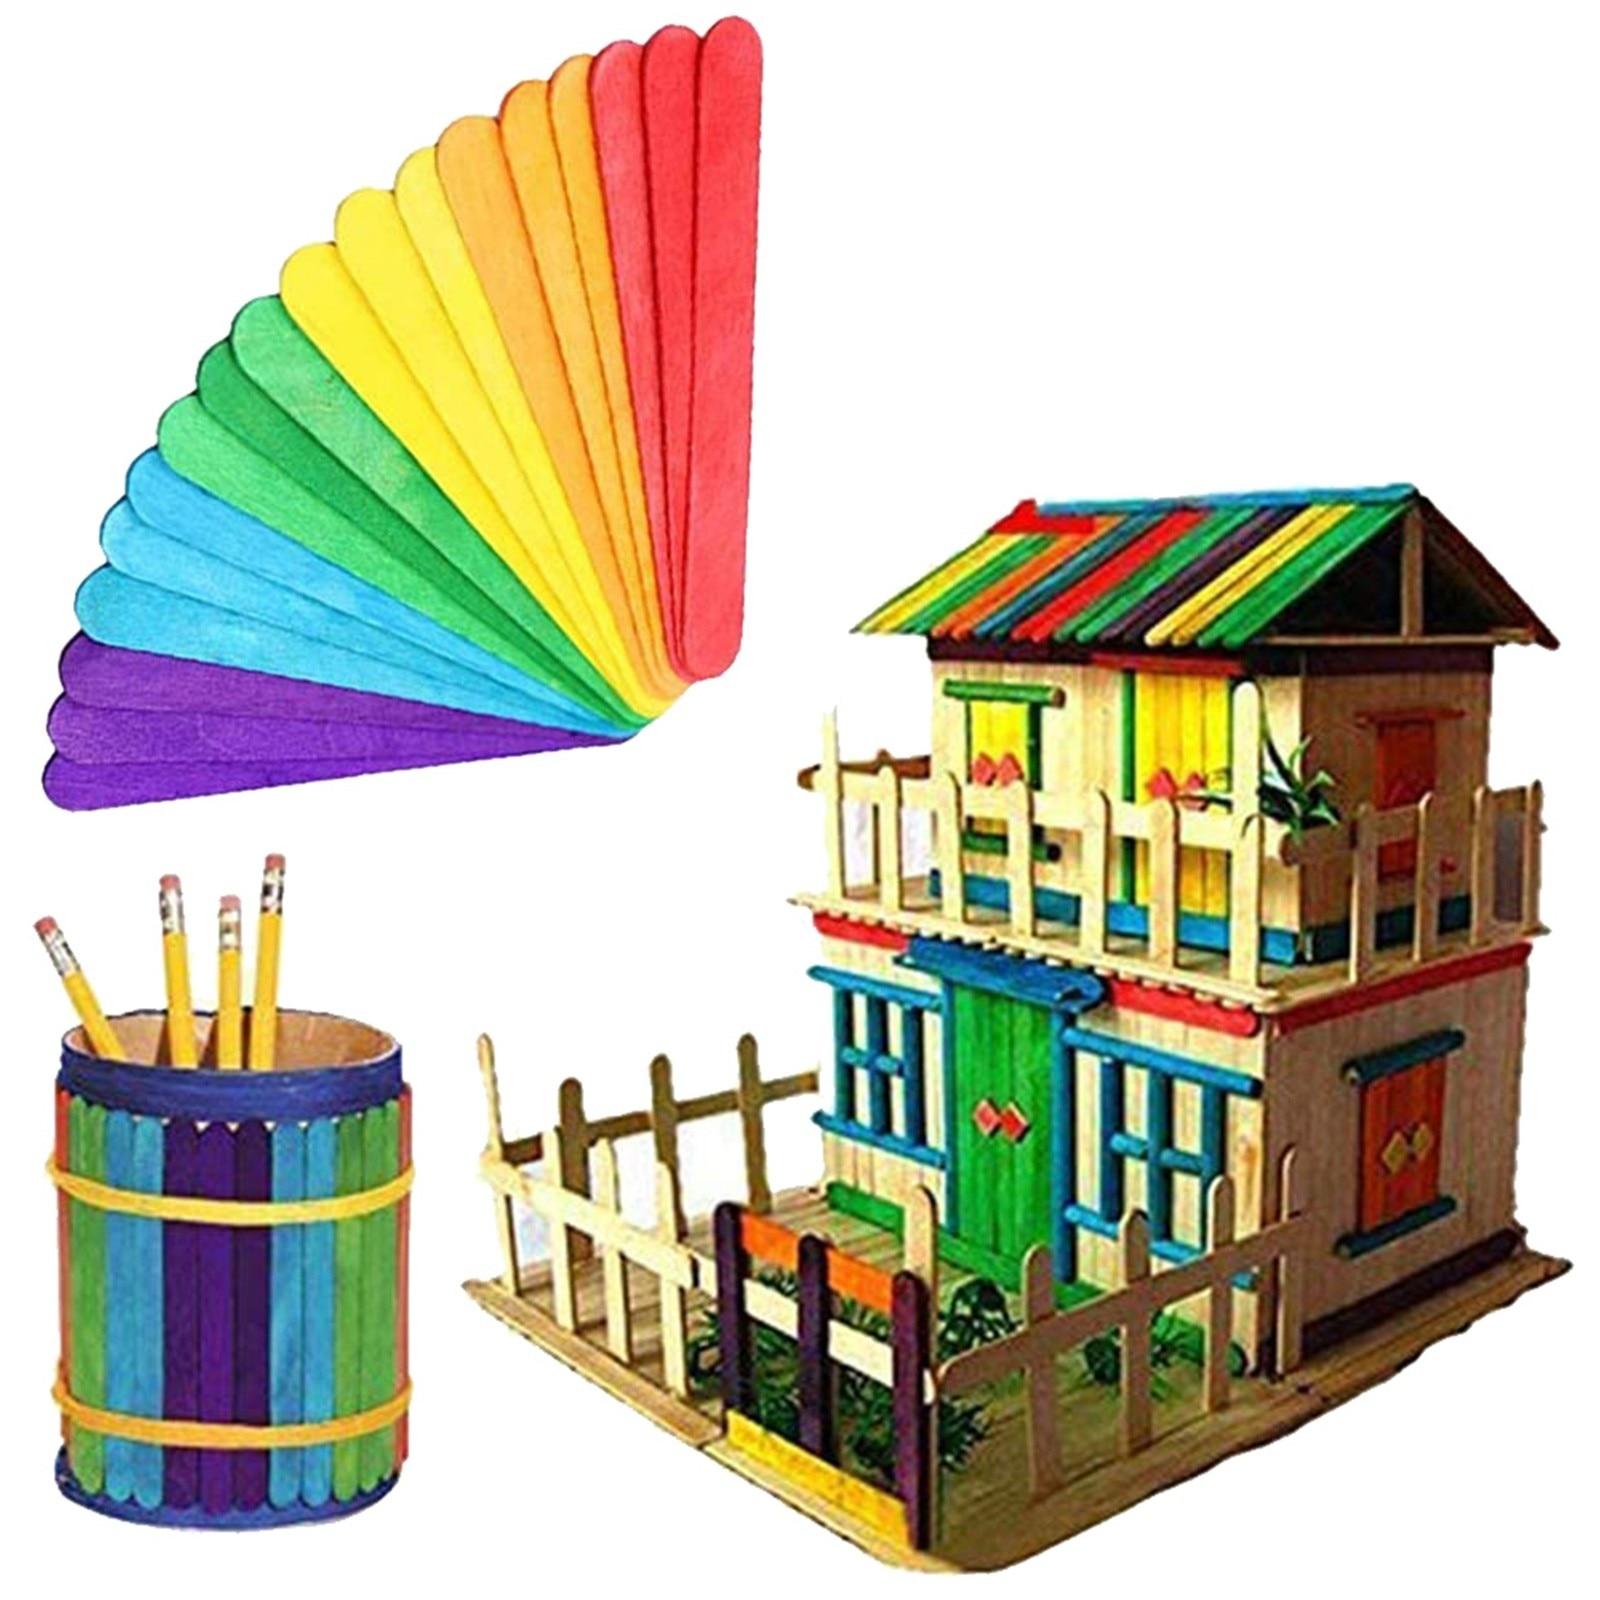 Colorful Popsicle Sticks For crafts Large Color Craft Sticks 100 Sticks